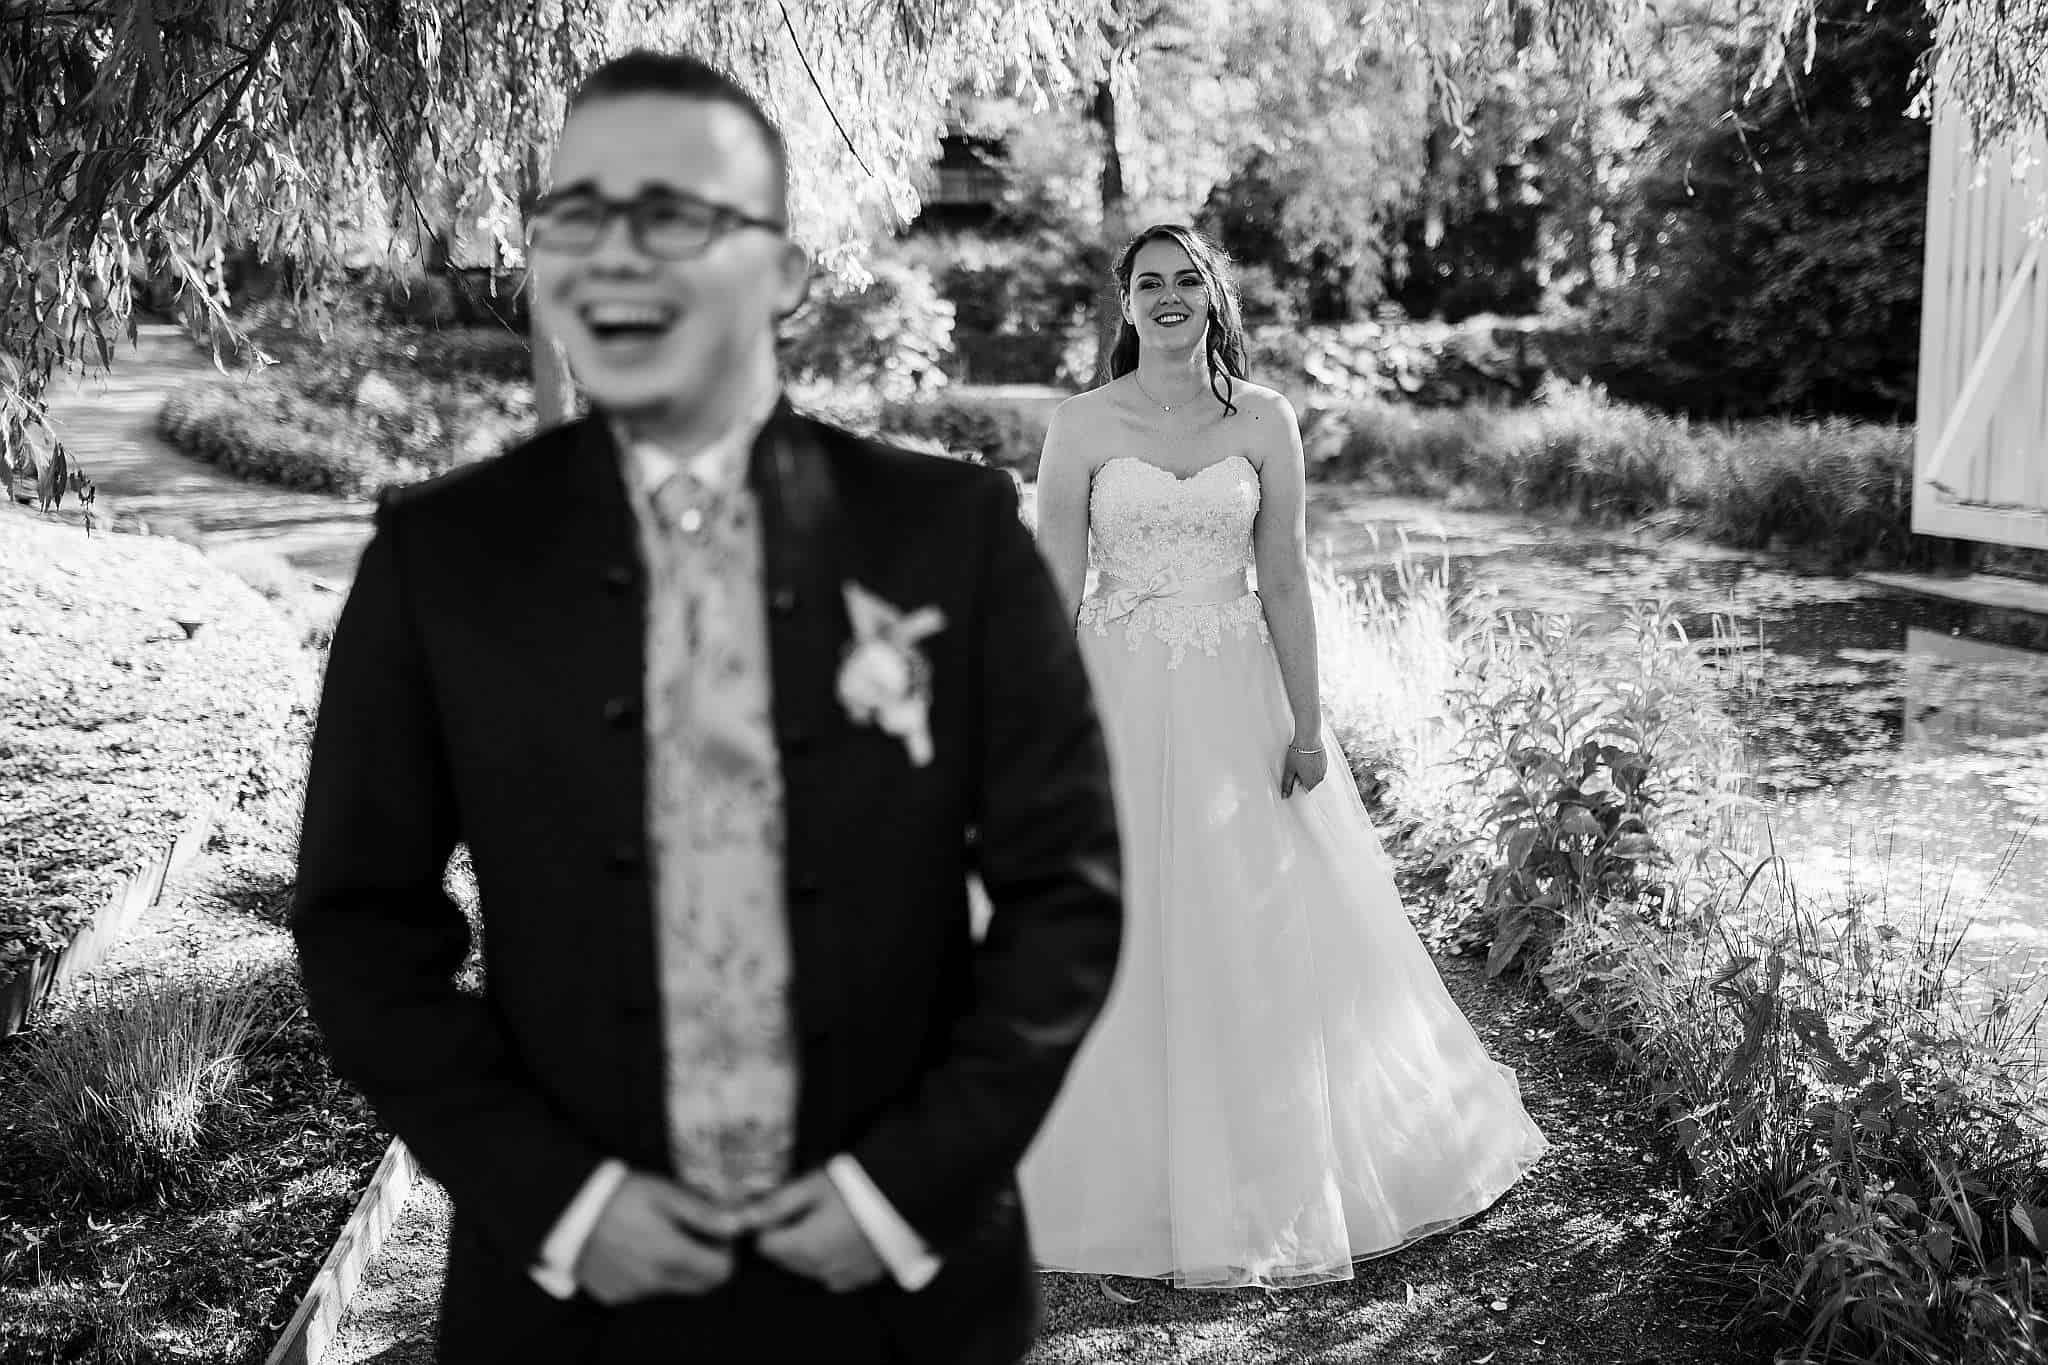 Der Bräutigam lacht sich beim Foto-Shooting kaputt